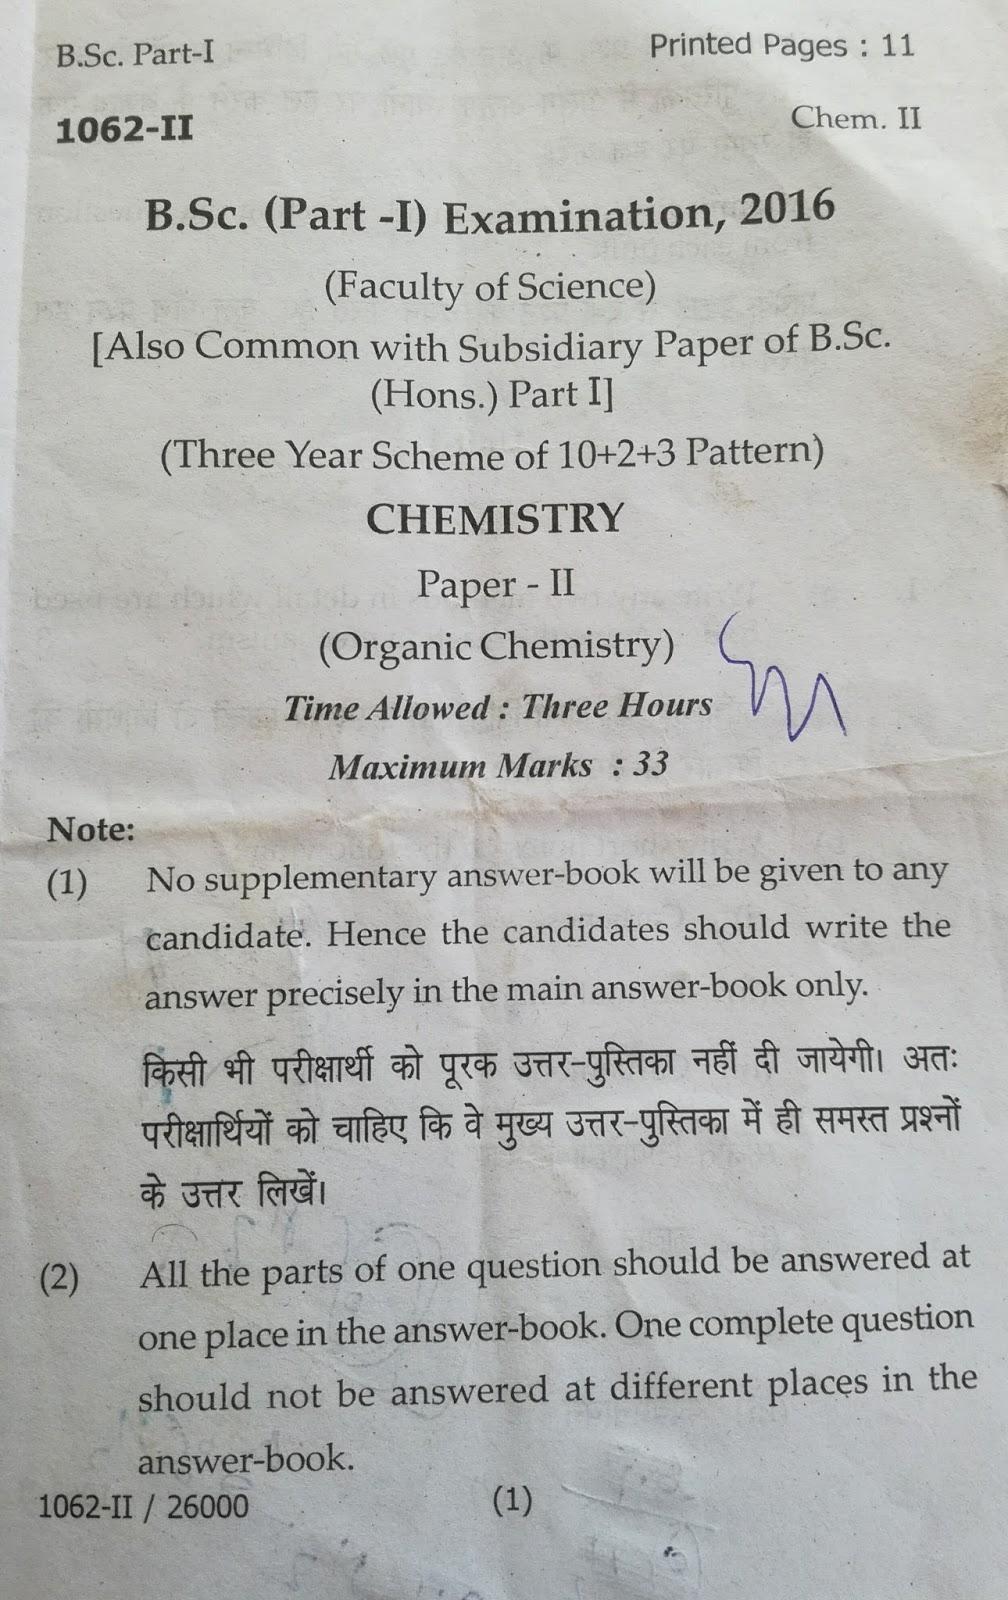 Pdusu exam paper 2016 chemistry paper -2 - pdusu exam paper 2016